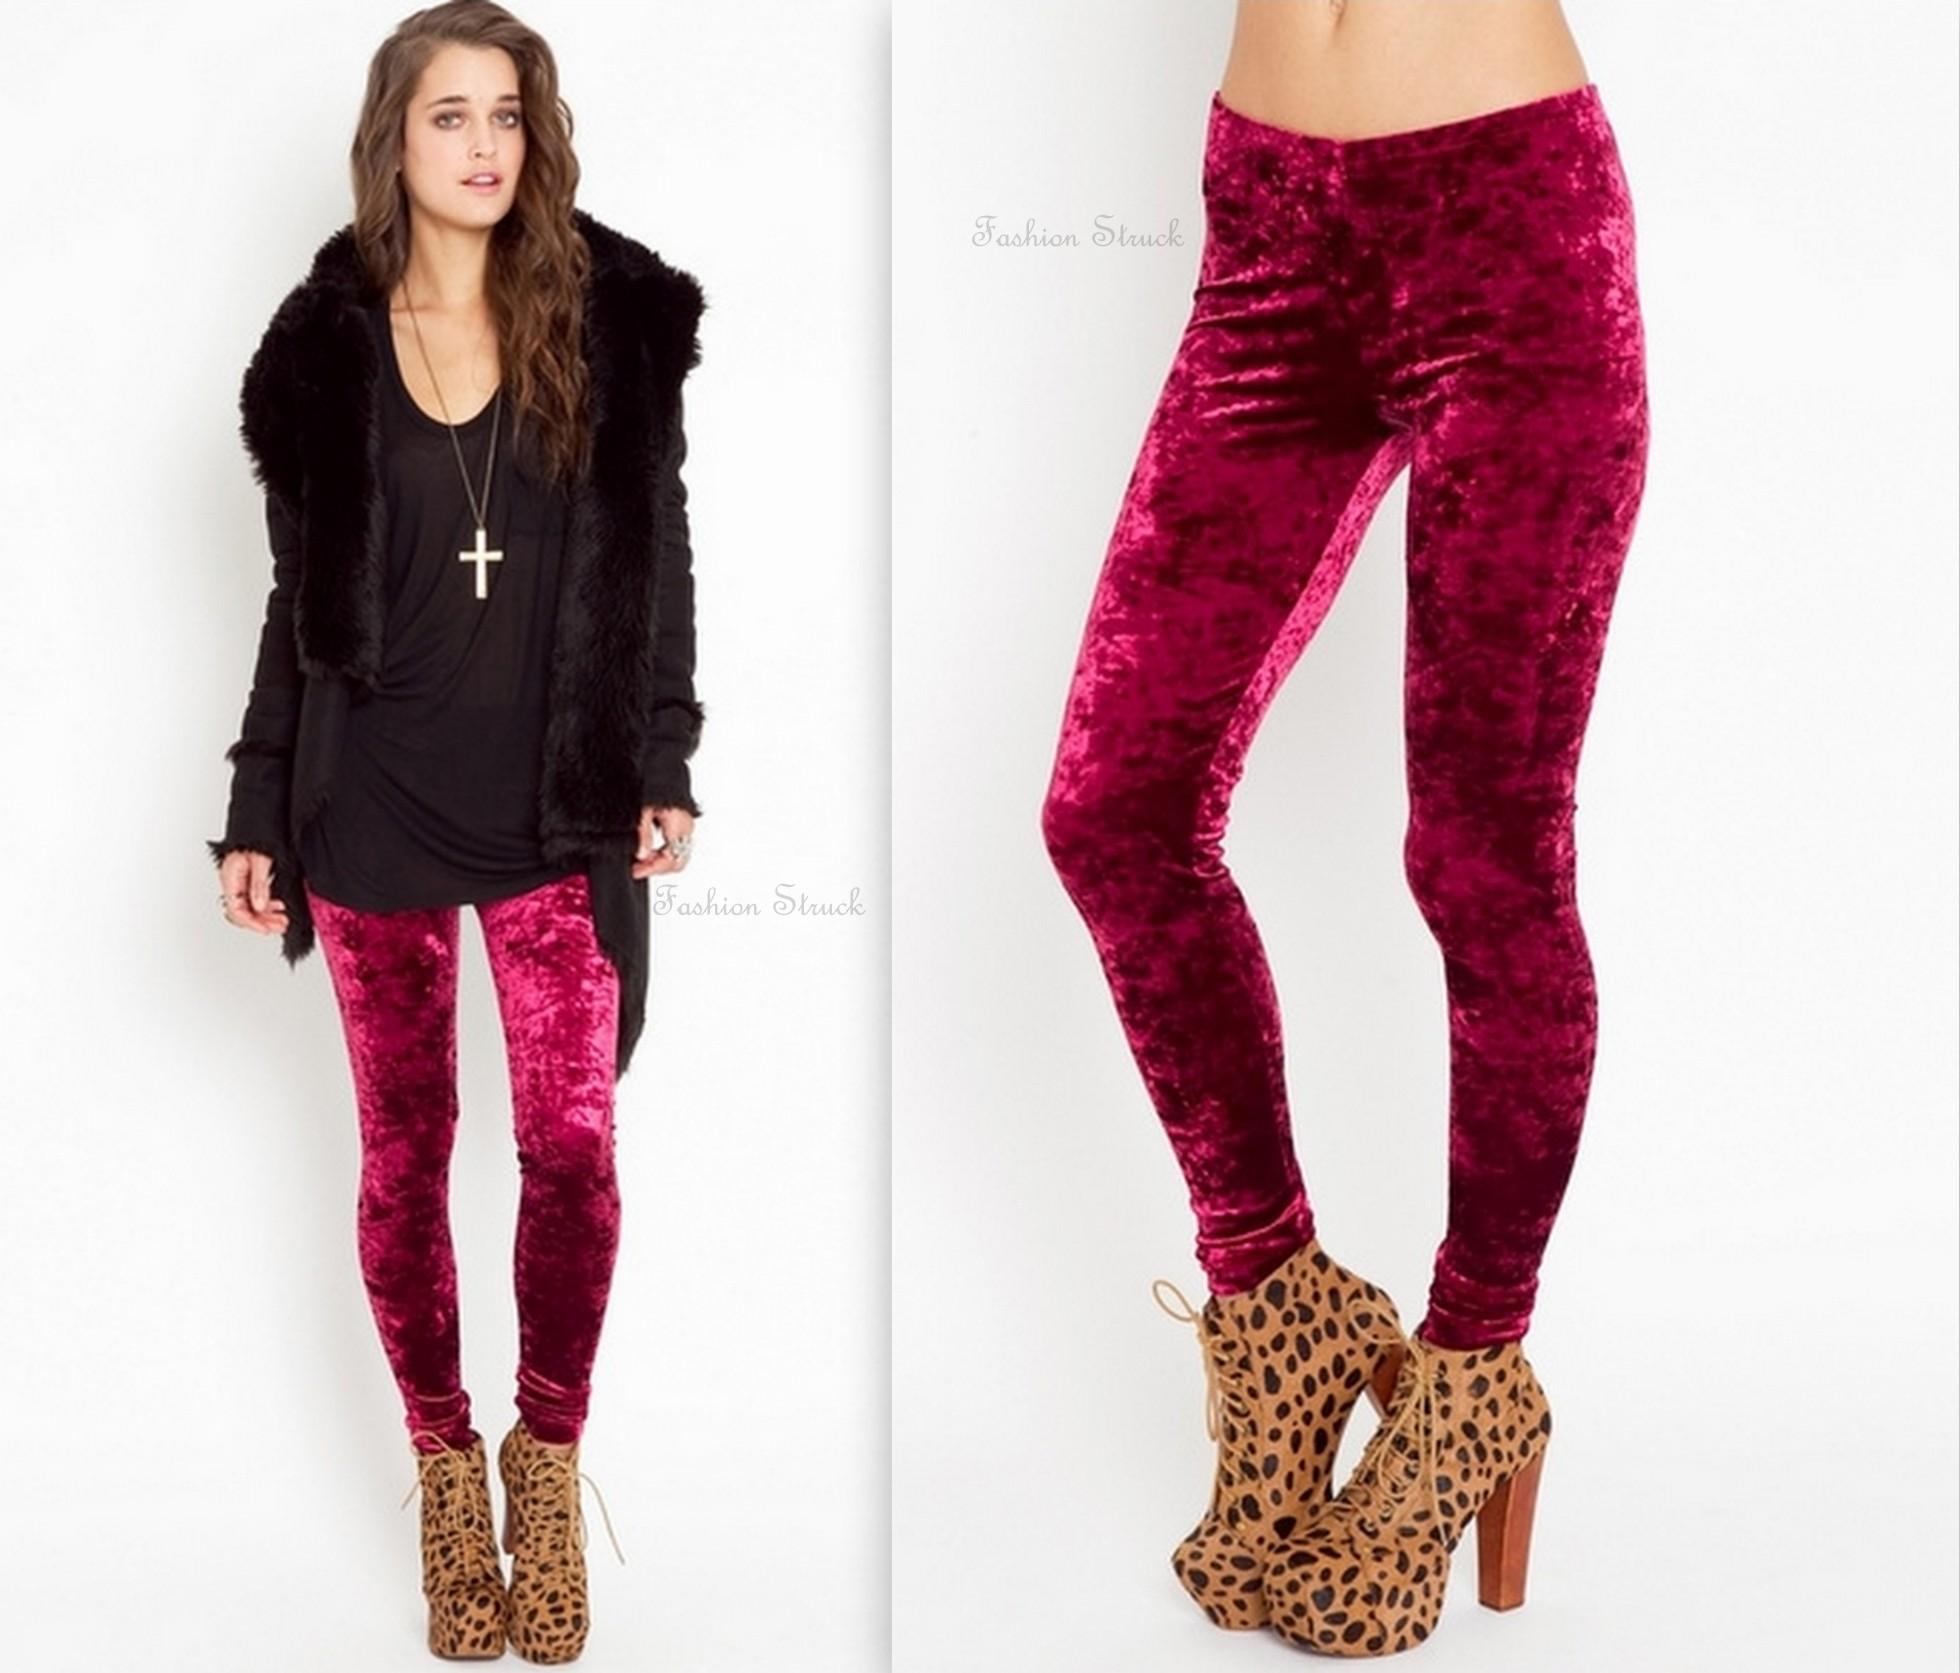 Winter Leggings Velvet Legging Women Pants Black Stretch Leggins Skinny Jeggings. Brand New. $ Buy It Now. Free Shipping. + Sold. OLD NAVY VELVET LEGGINGS LOT SIZE LARGE WOMENS PANTS CLOTHES 10 12 L VELOUR EUC. Pre-Owned.